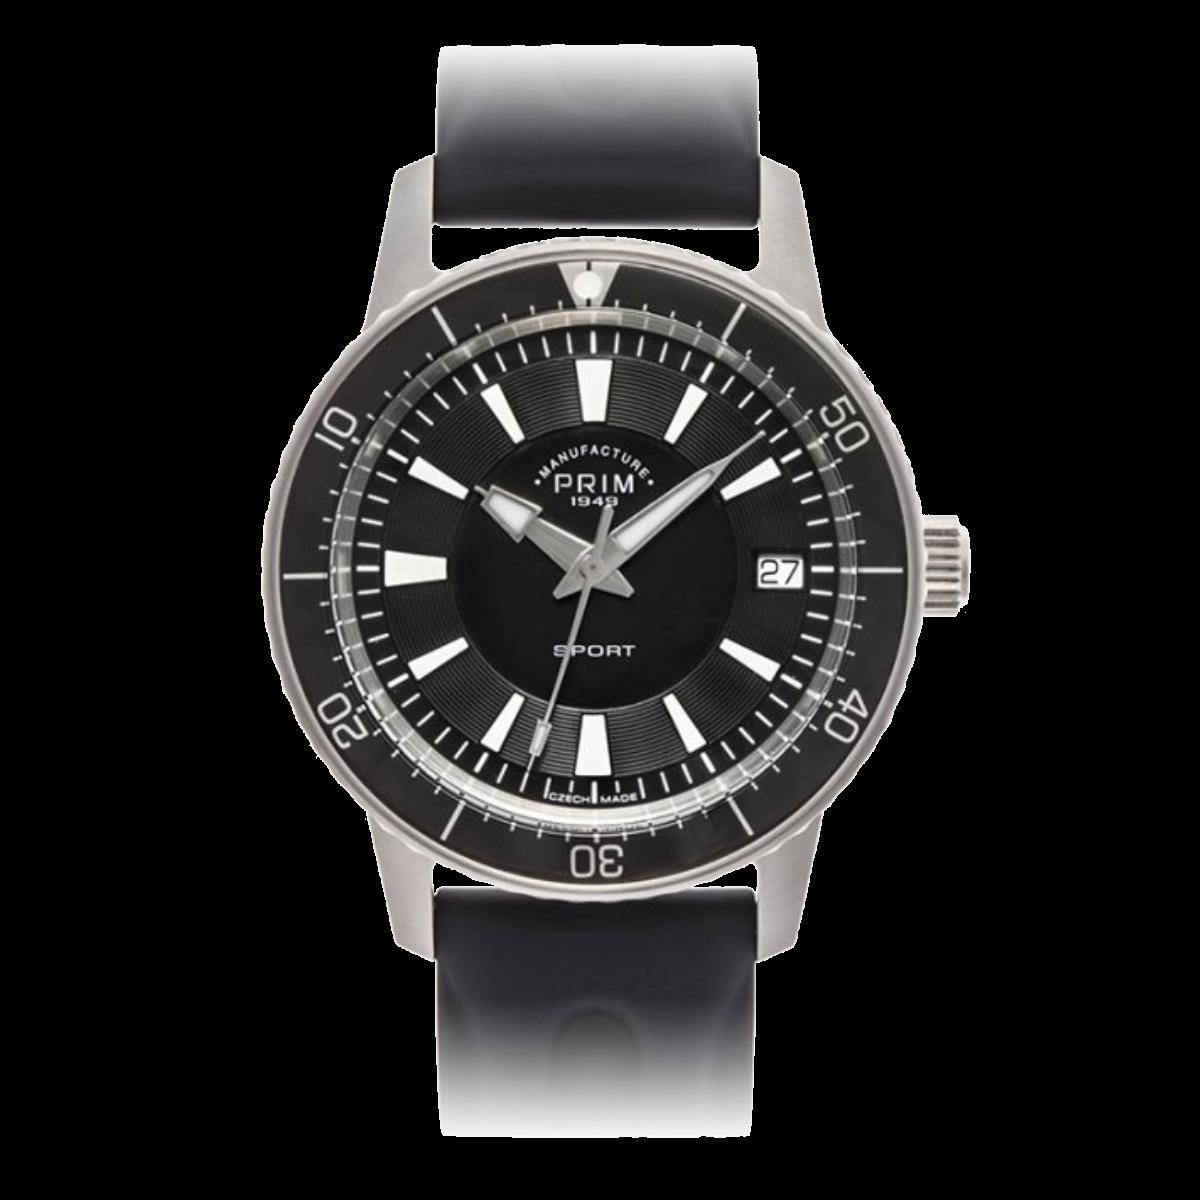 ... hodinky Prim Sportovní Sport PRIM SPORT 45. 🔍. Previous  Next f22ff5a42da